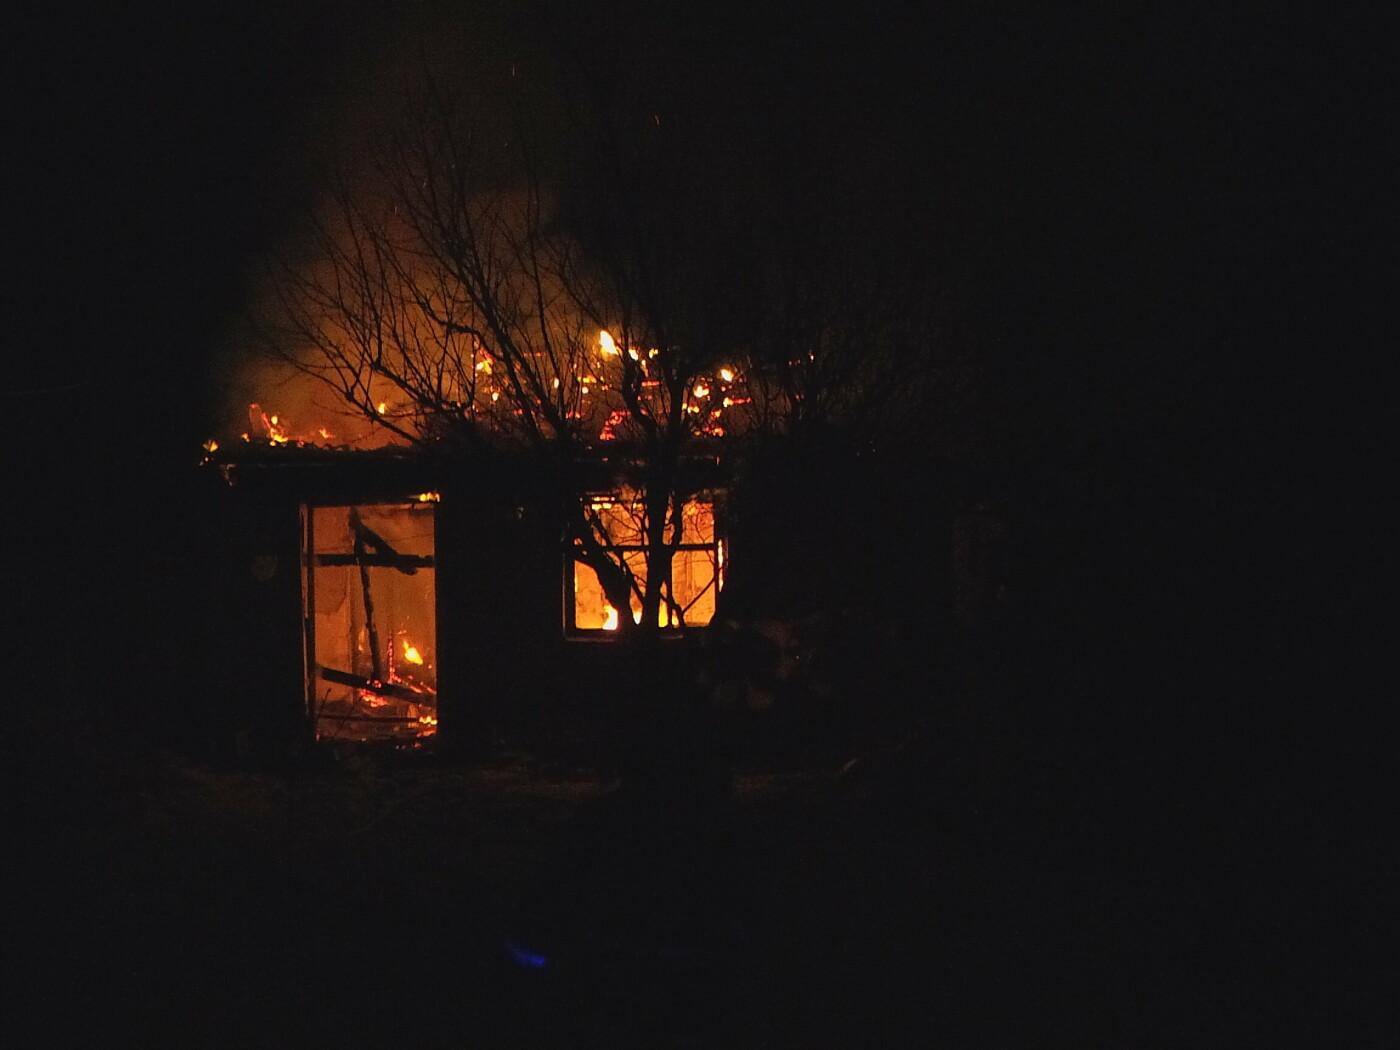 В Бердянске сгорел дачный дом: пожар тушили 5 спасателей, – ФОТО, фото-1